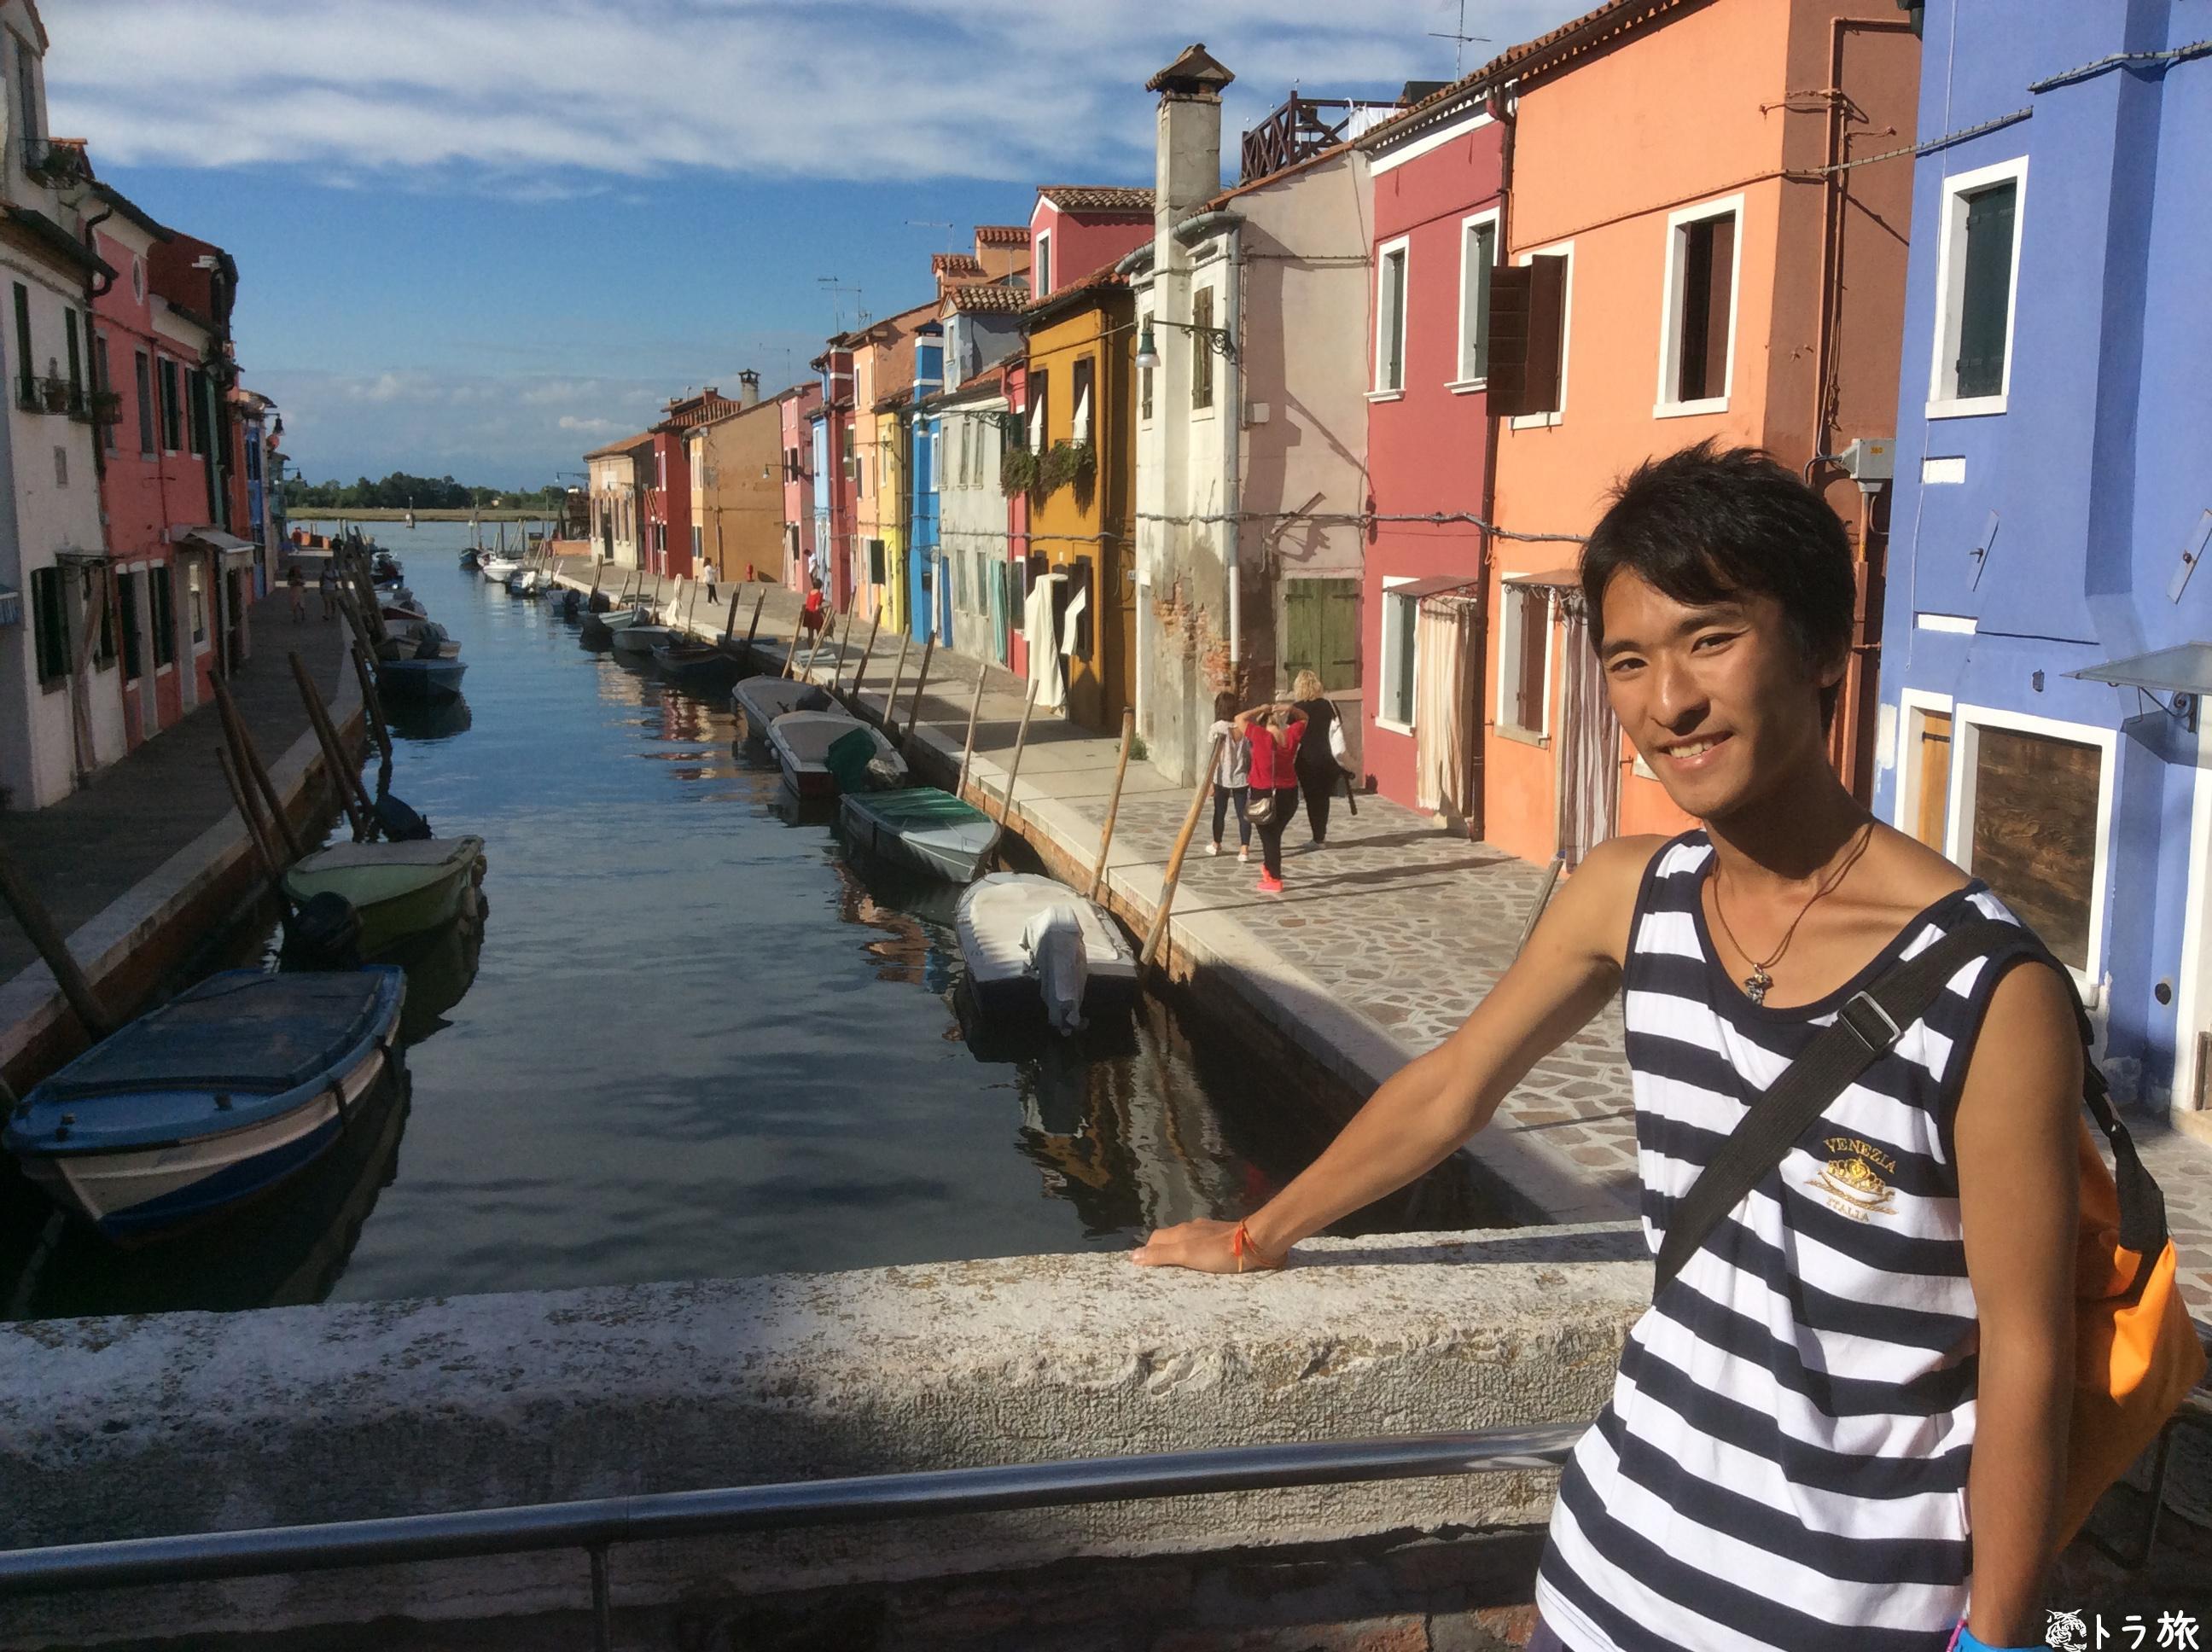 インスタ映えするカラフルな街並みのブラーノ島【イタリア】